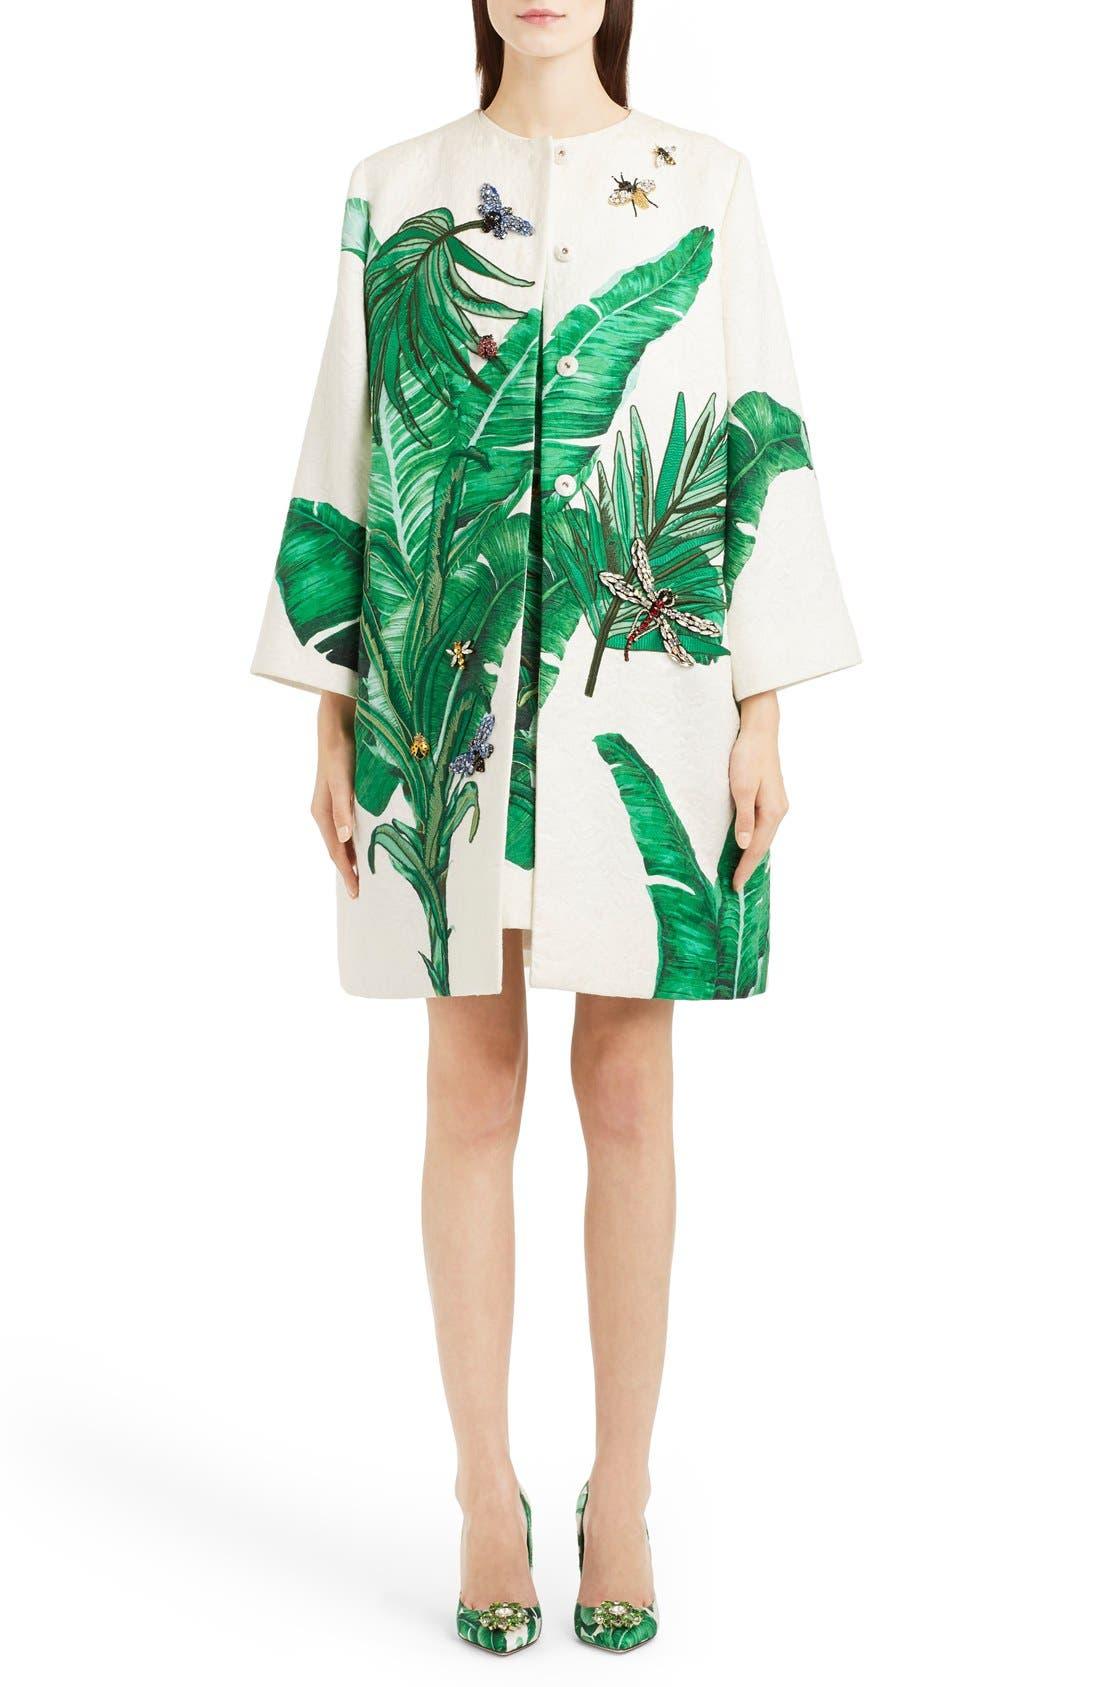 Main Image - Dolce&Gabbana Crystal Embellished Banana Leaf Print Brocade Topper